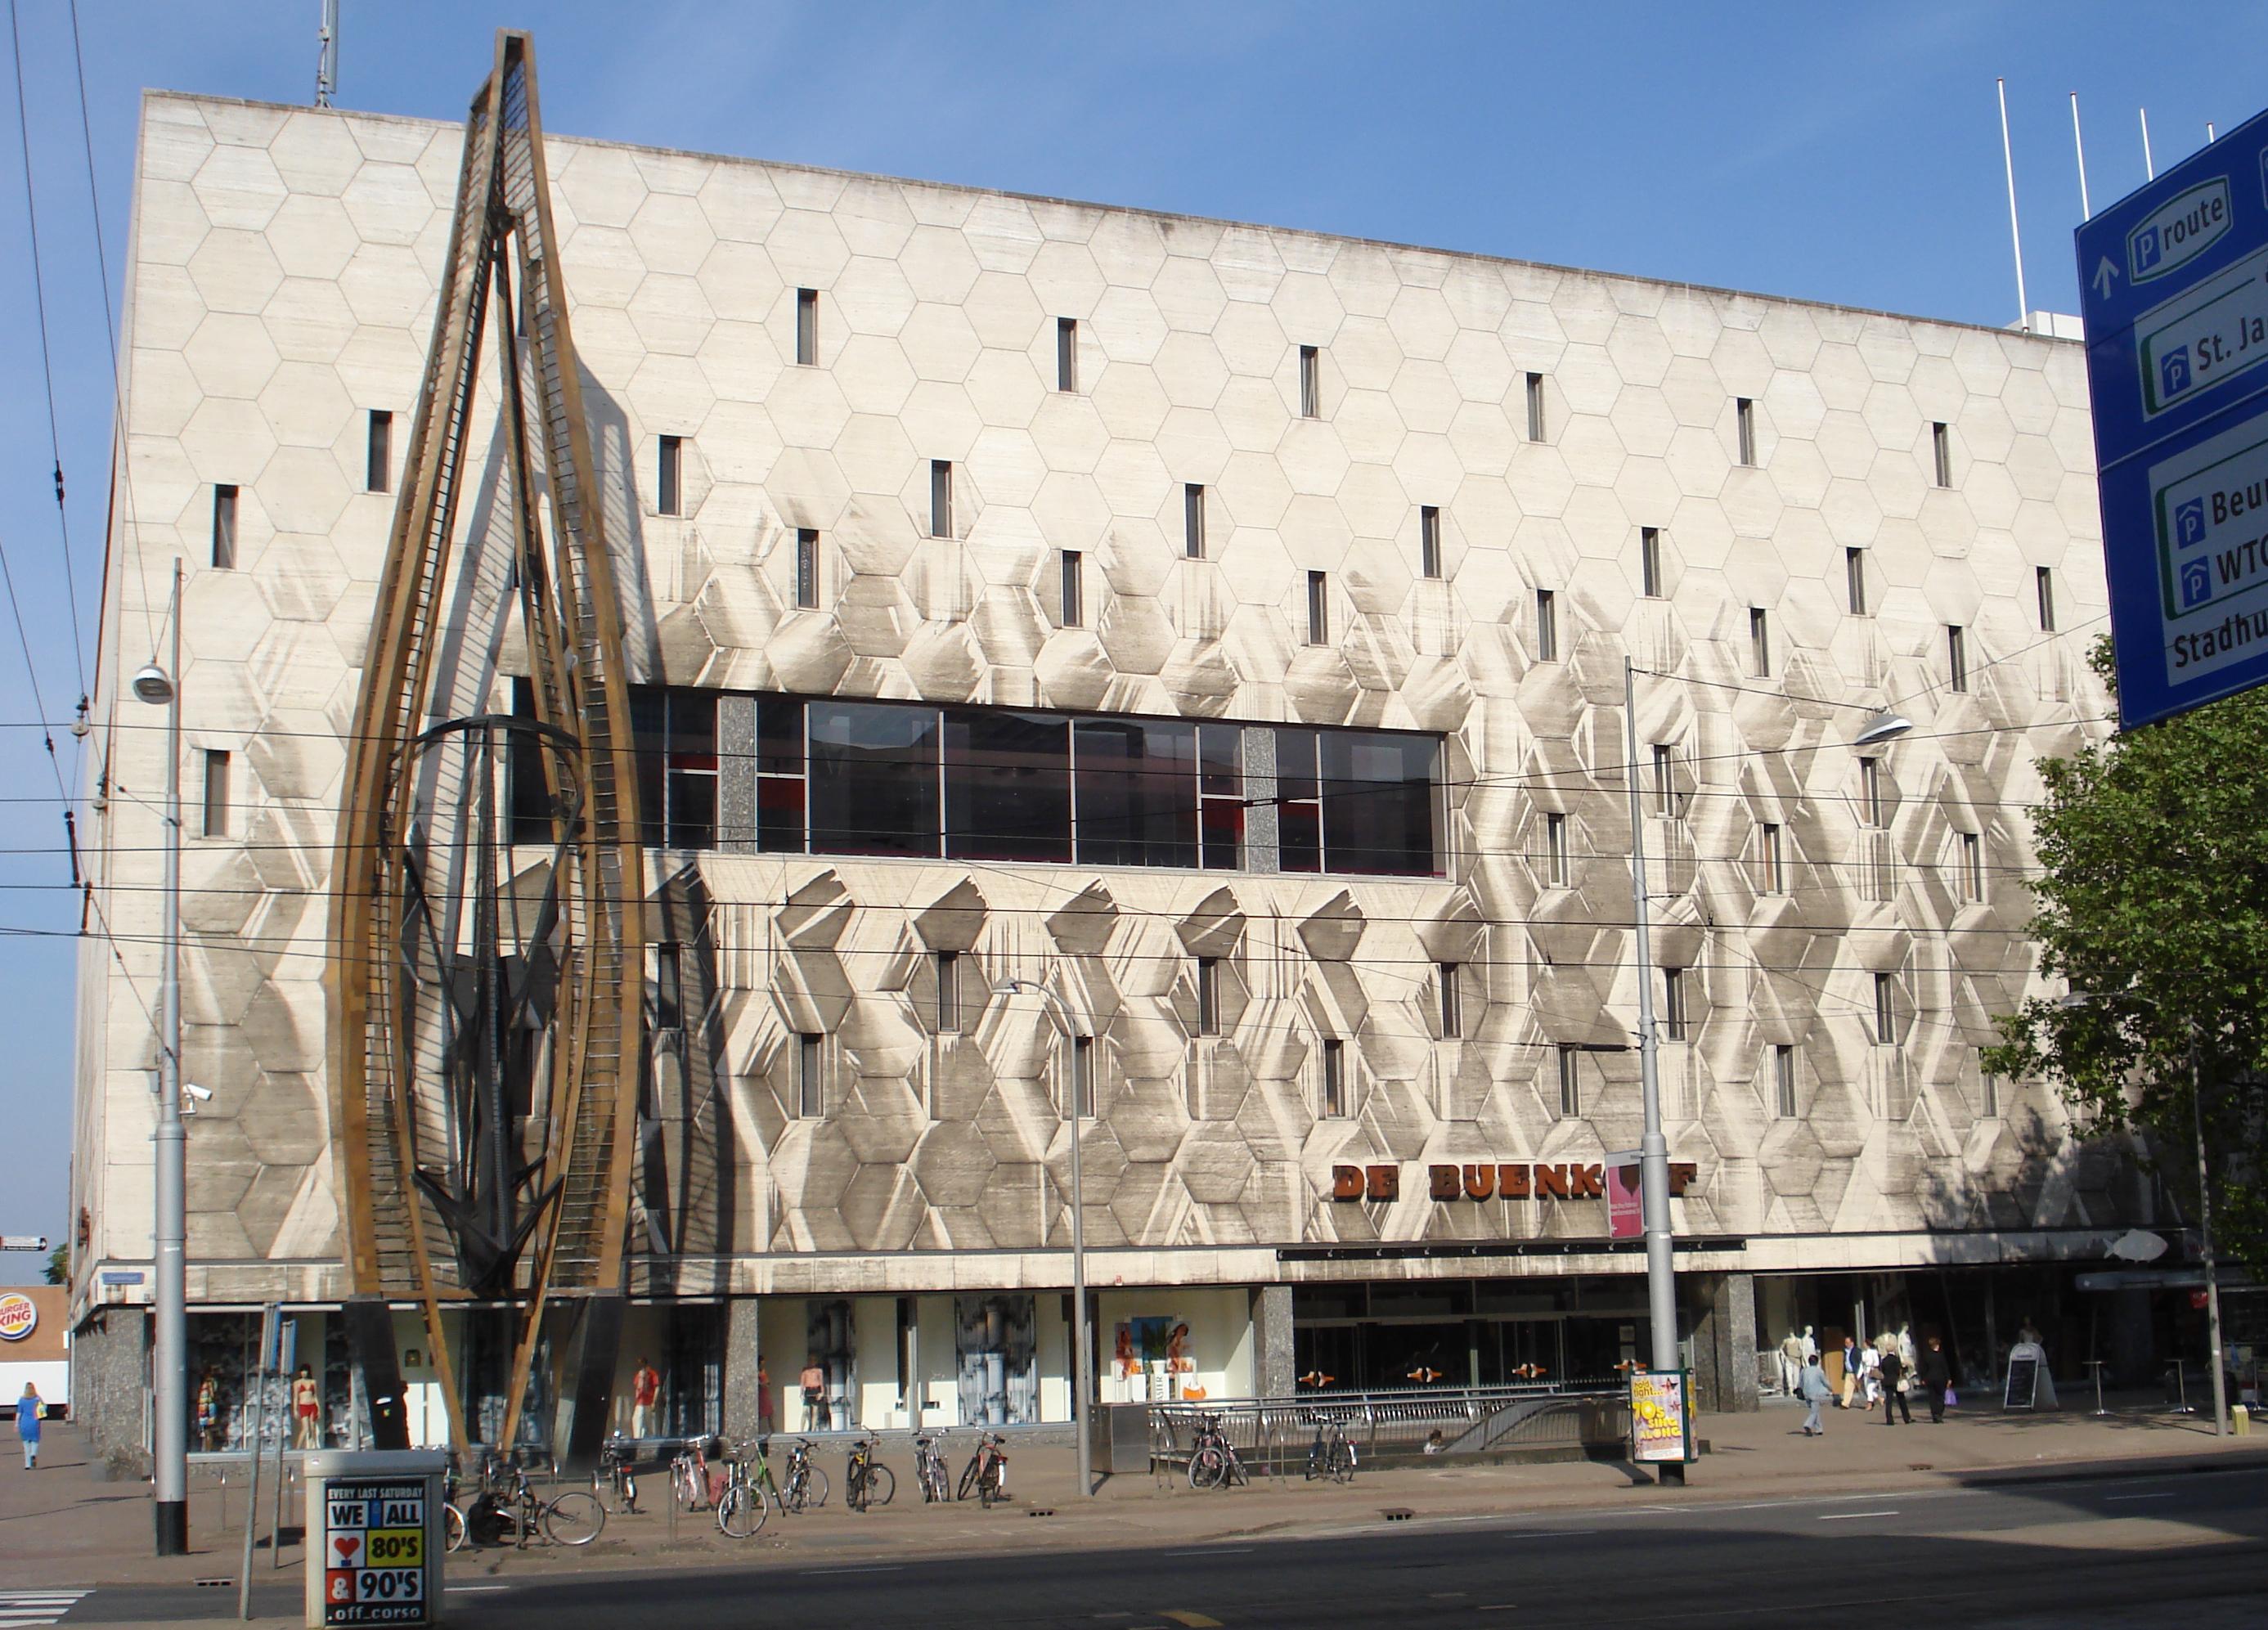 09be1afbd79 De Bijenkorf (Rotterdam) - Wikipedia